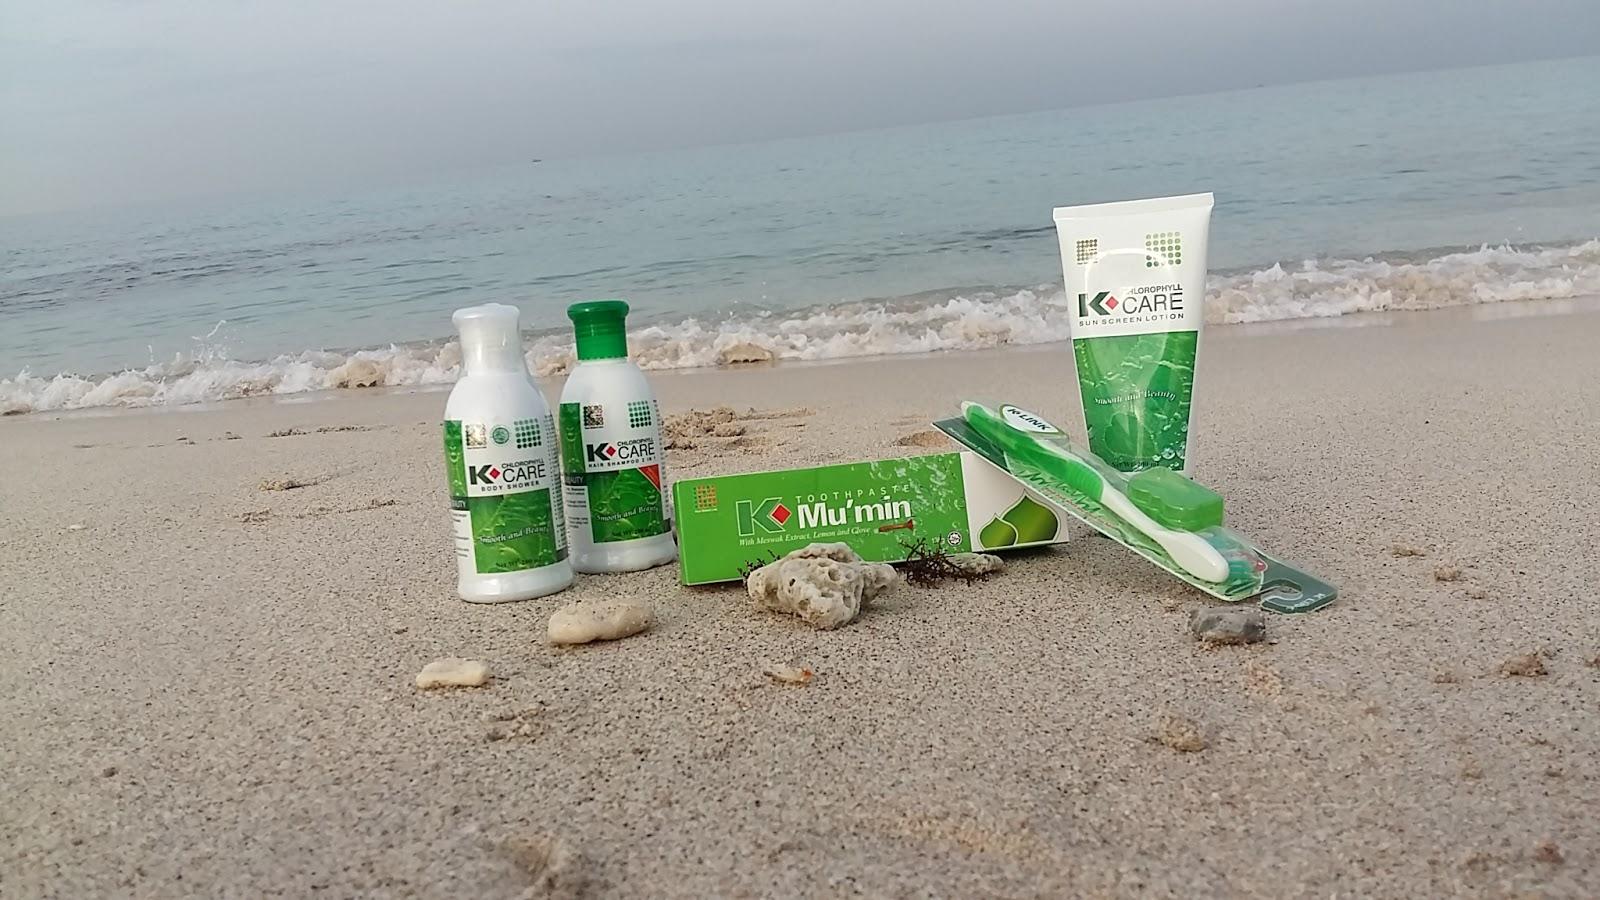 produk k- link slăbirea corpului